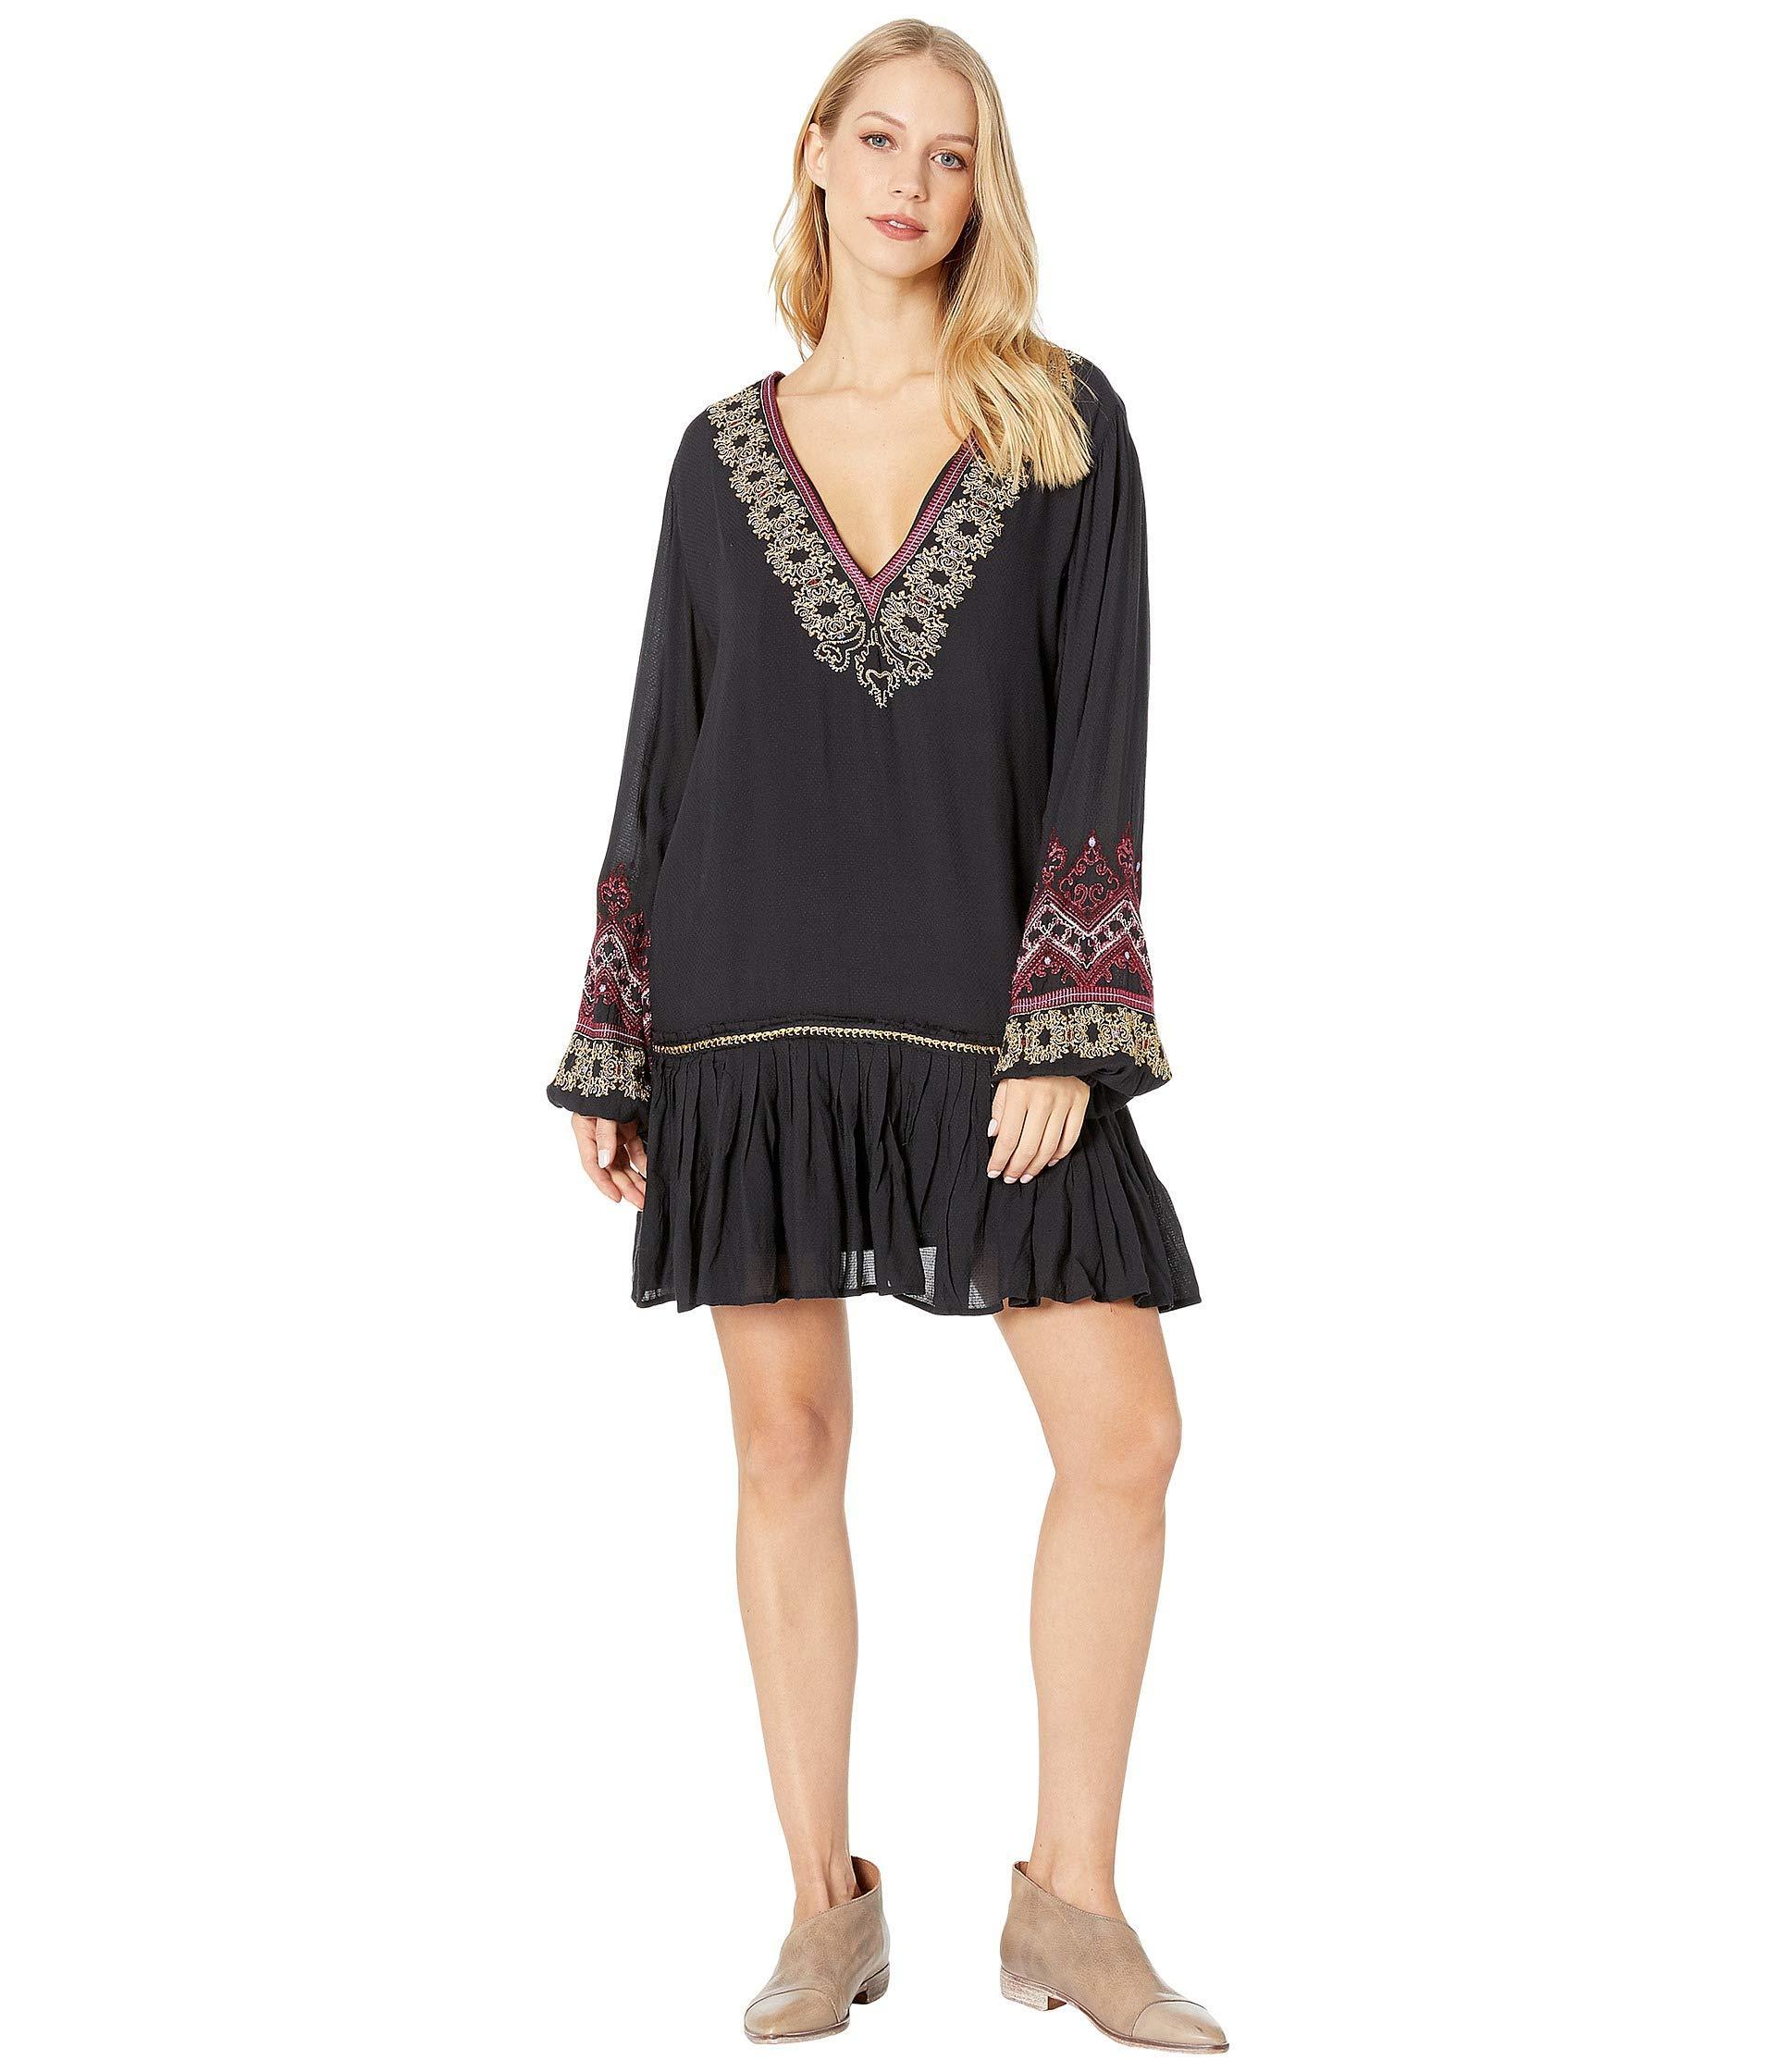 bd4bca6f86f9 Lyst - Free People Wild One Embellished Mini Dress (black) Women s ...